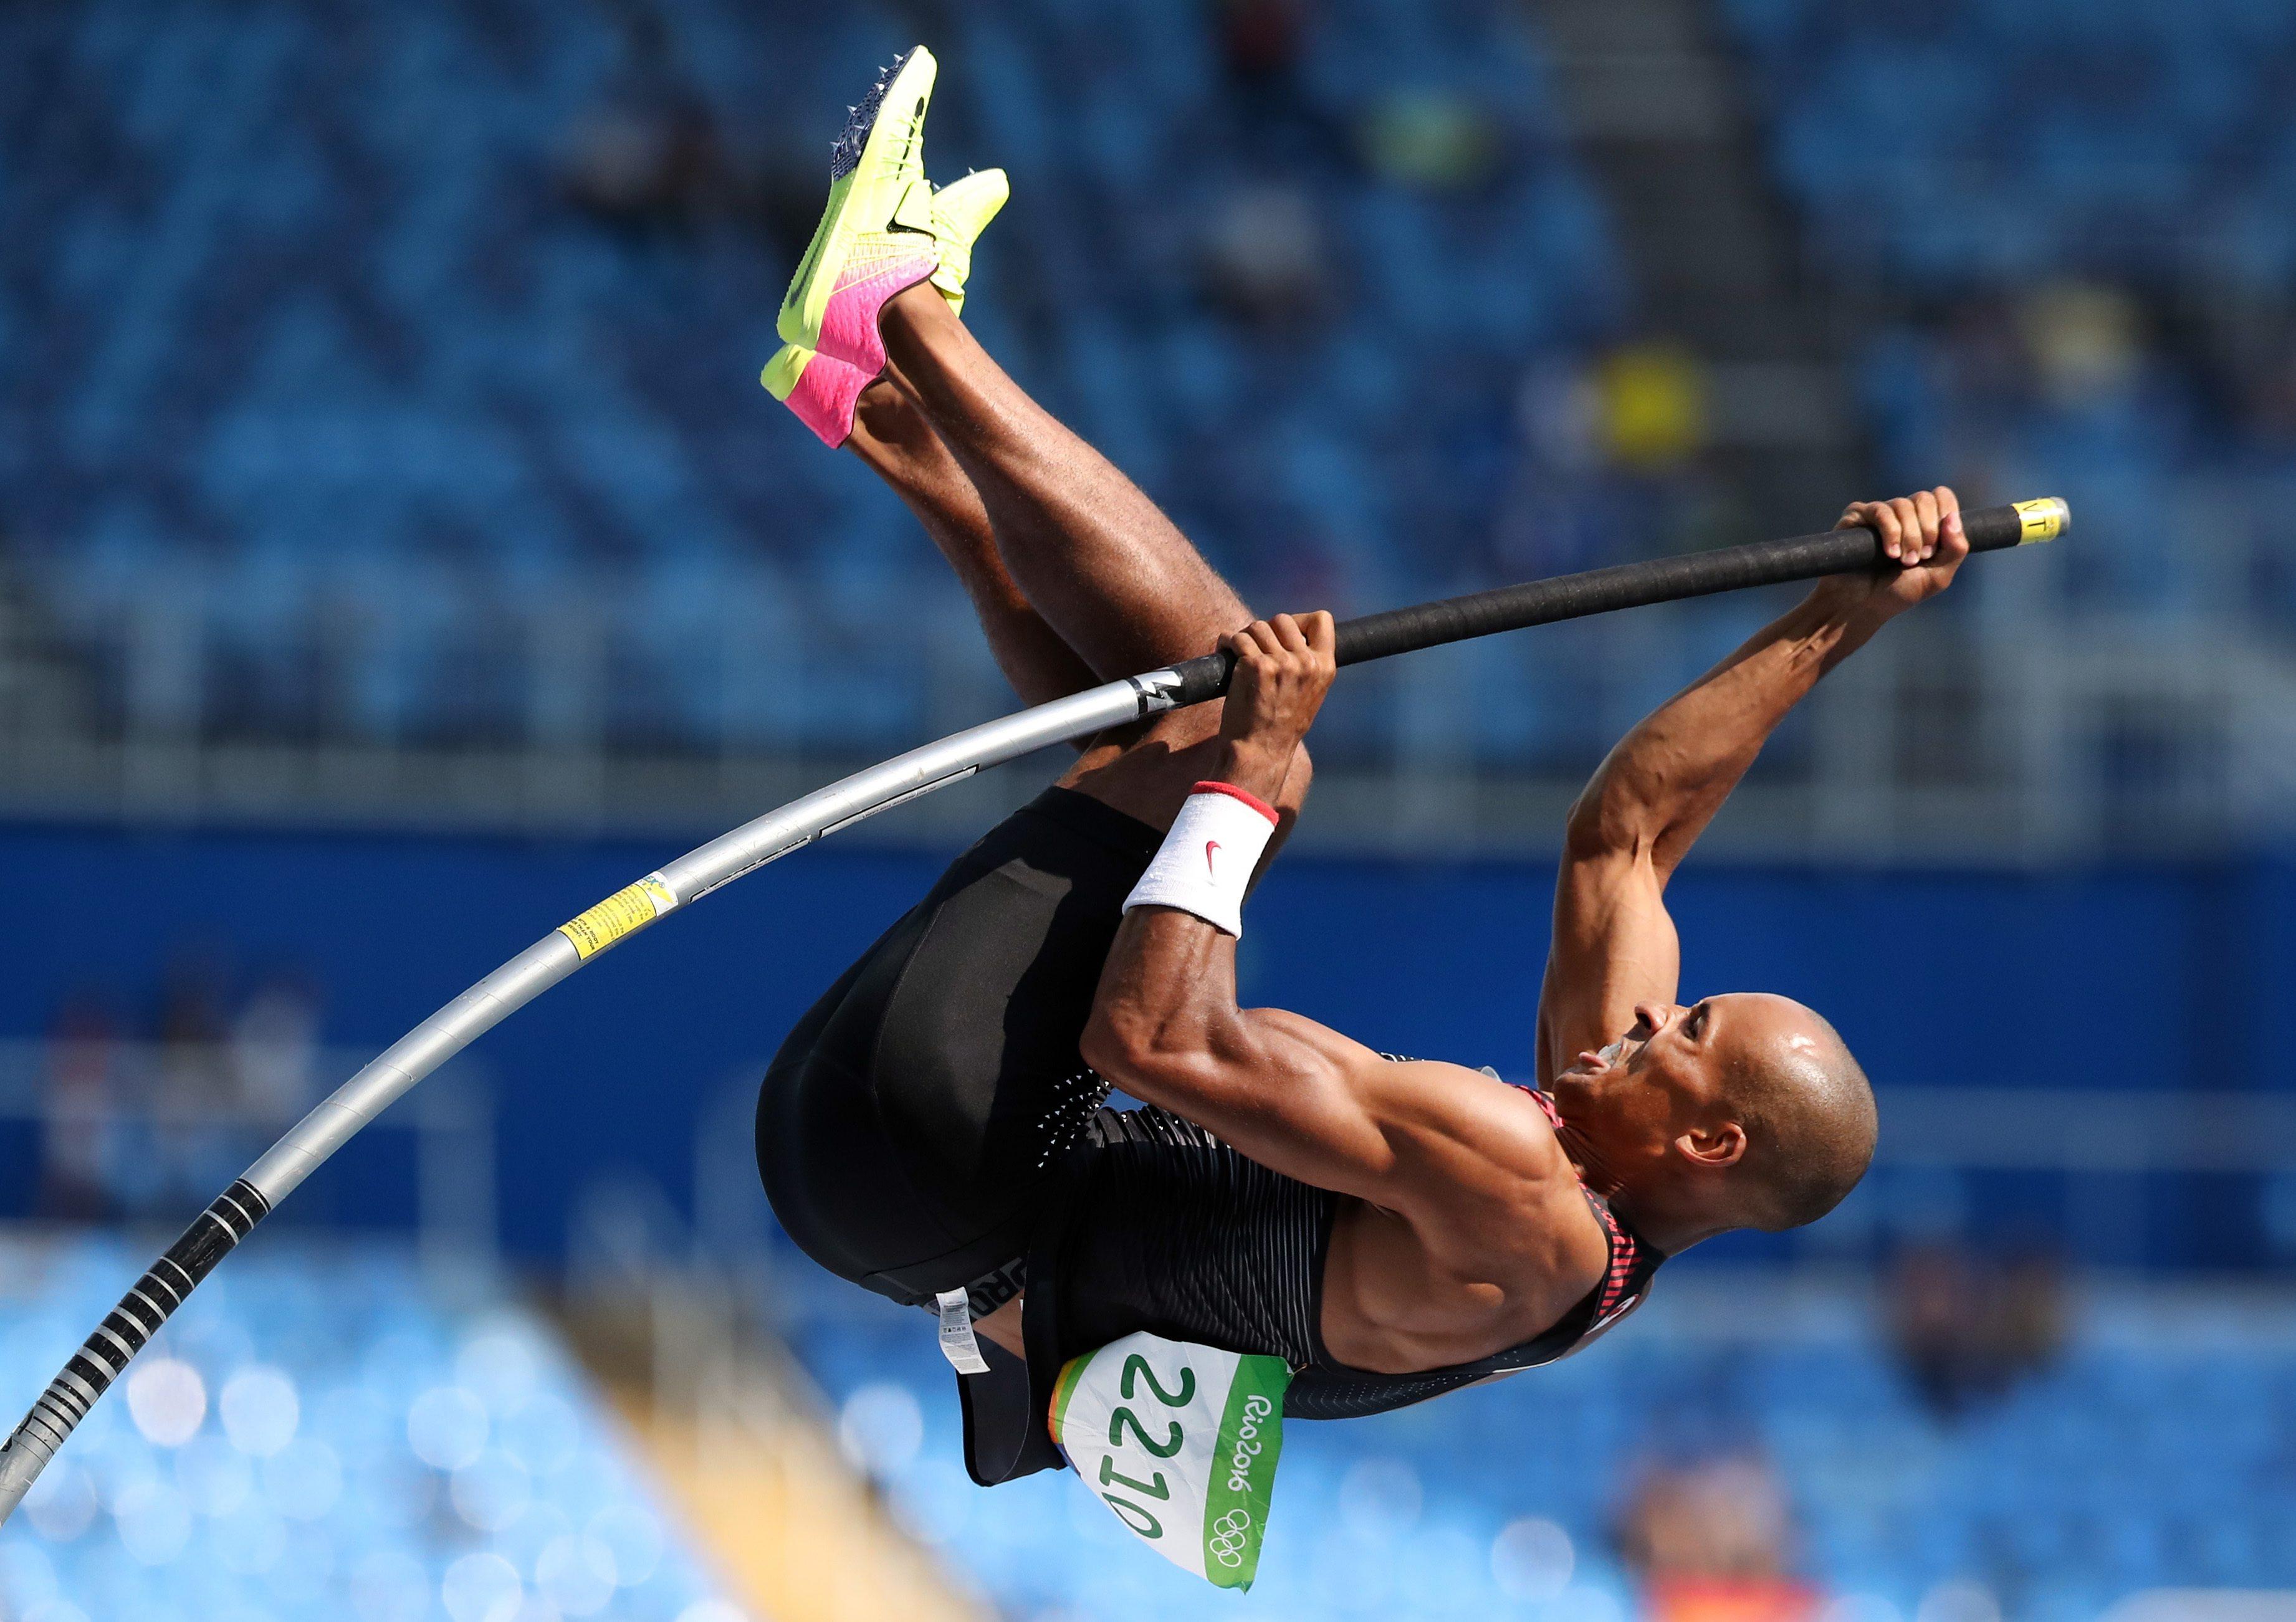 Damian Warner prend part à l'épreuve du saut à la perche du décathlon des Jeux olympiques de Rio, le 18 août 2016. (AP Photo/Lee Jin-man)